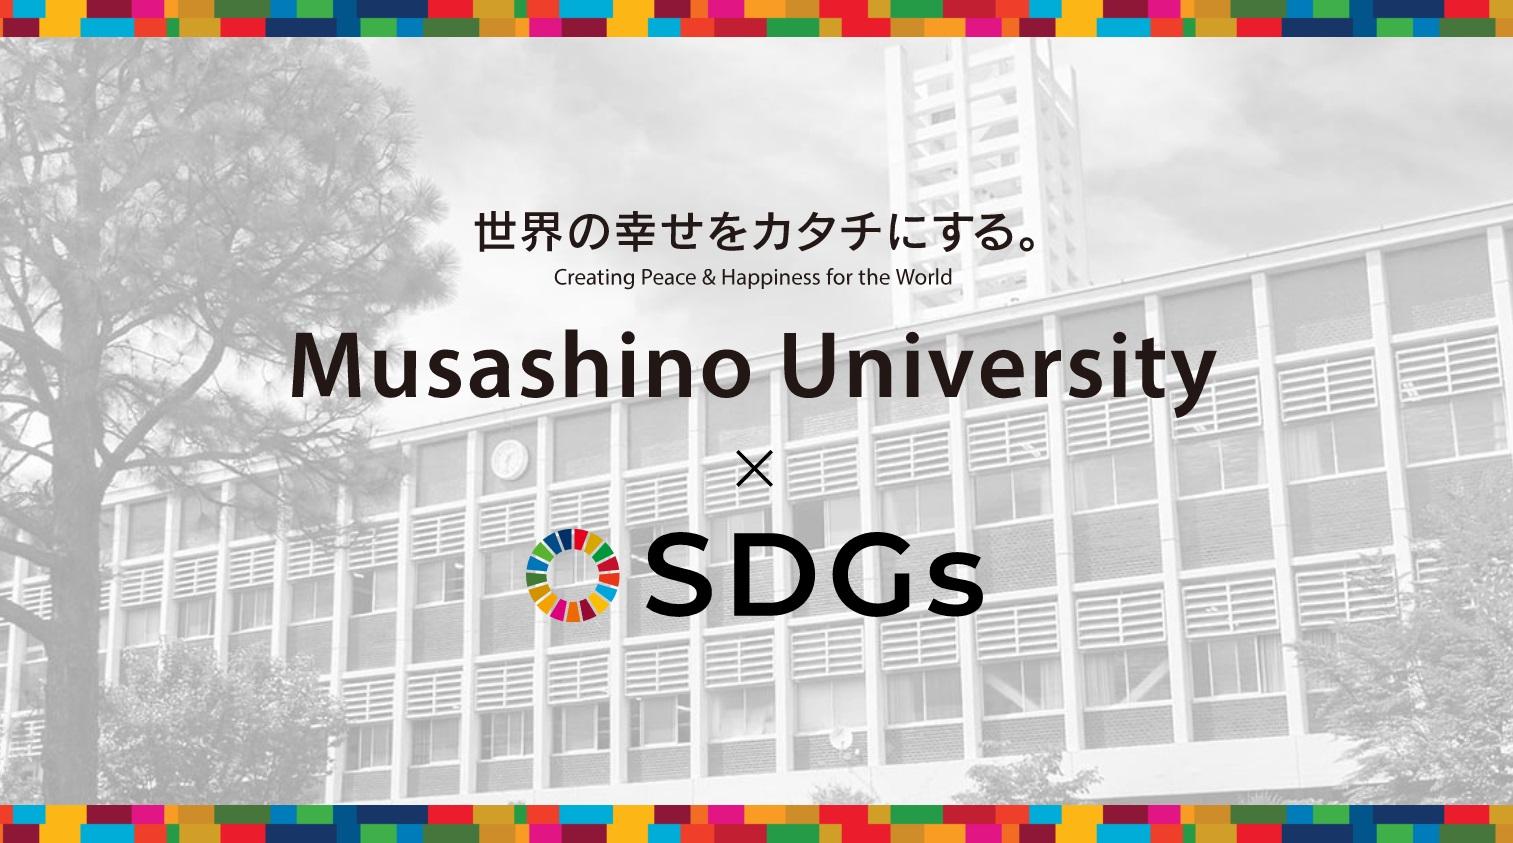 SDGs 200630